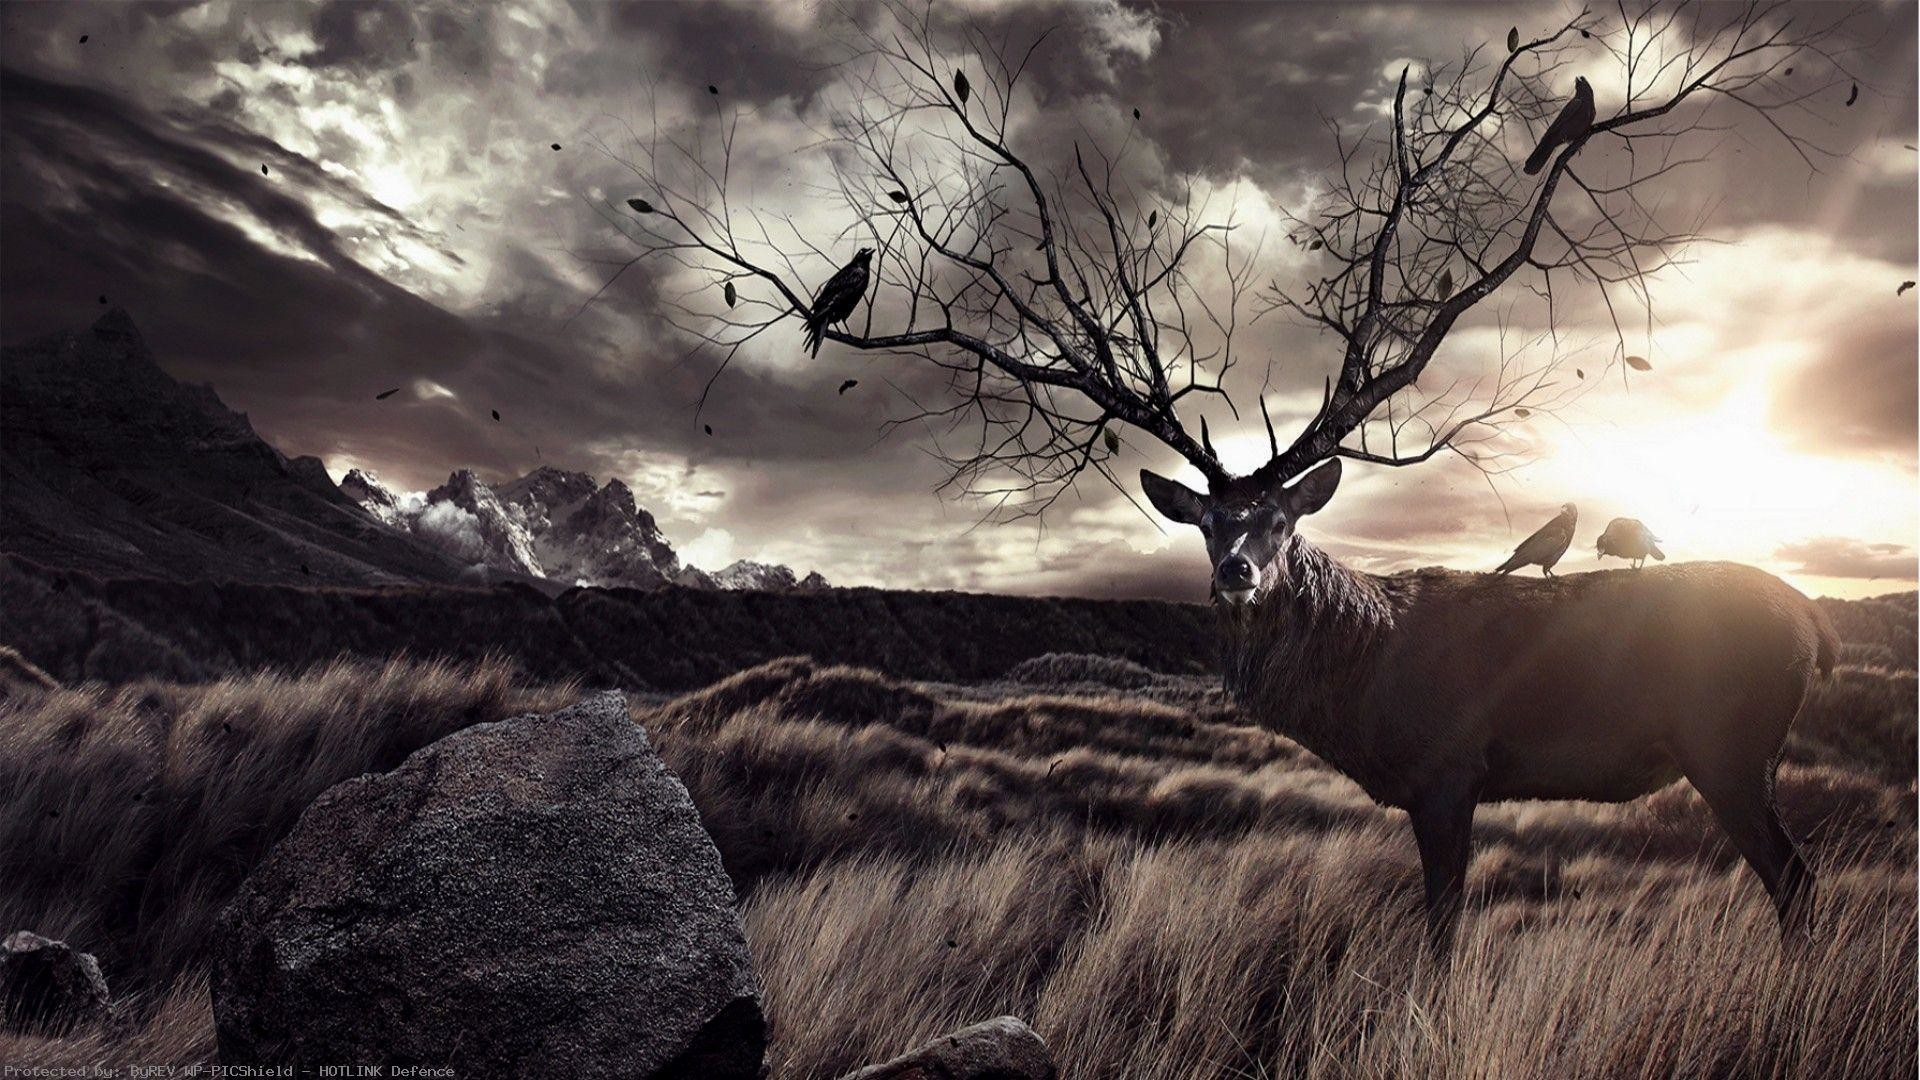 1920x1080 Free Deer Wallpaper Wp6006697